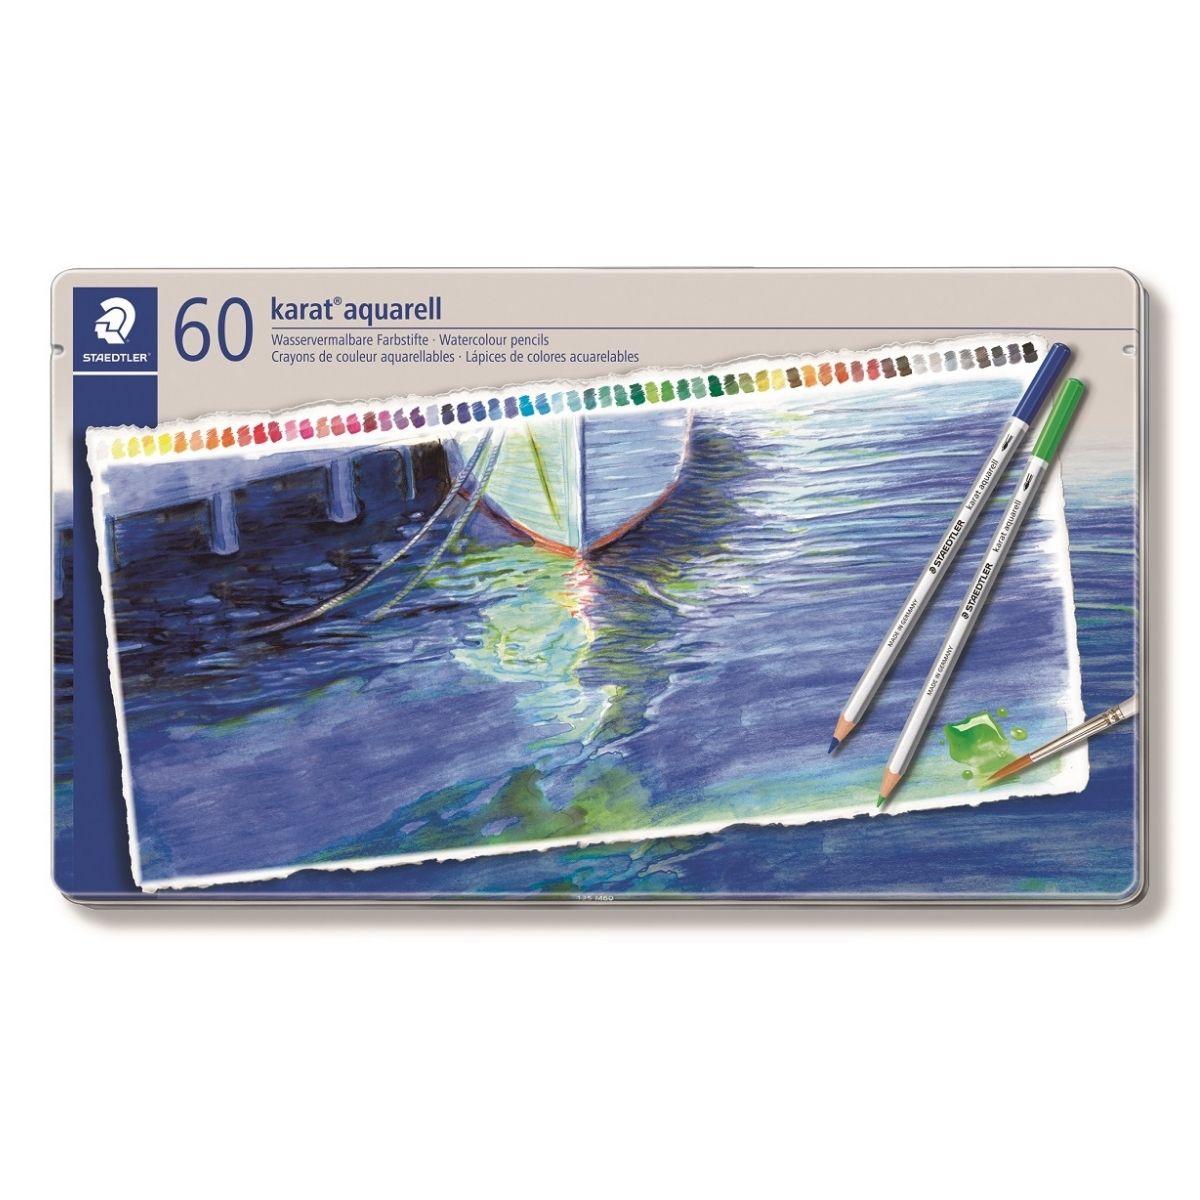 描いた後に水でなぞると水彩画に! 【1日限定ポイント5倍+11%OFFクーポン】 【日本正規品】 ステッドラー (STAEDTLER) カラトアクェレル 水彩色鉛筆 60色セット 125M60